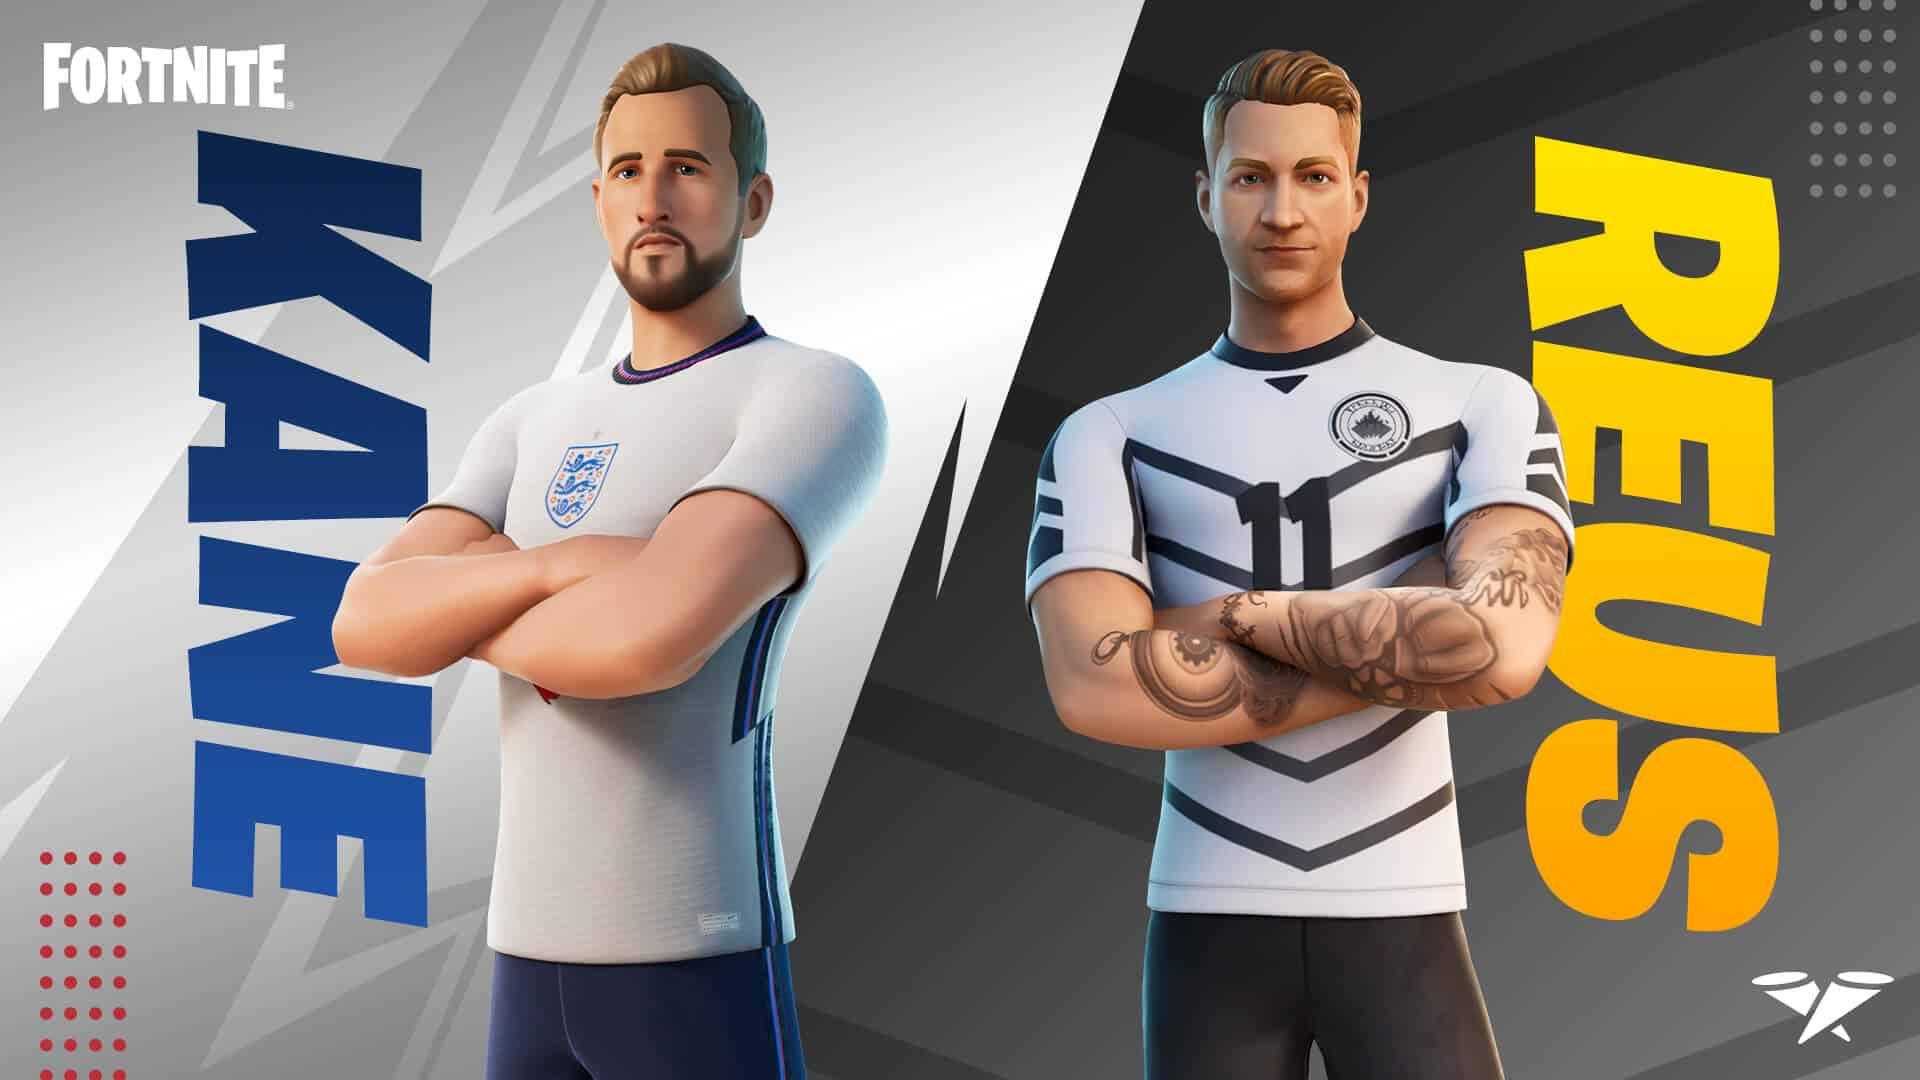 Kane and Reus Fortnite promo image